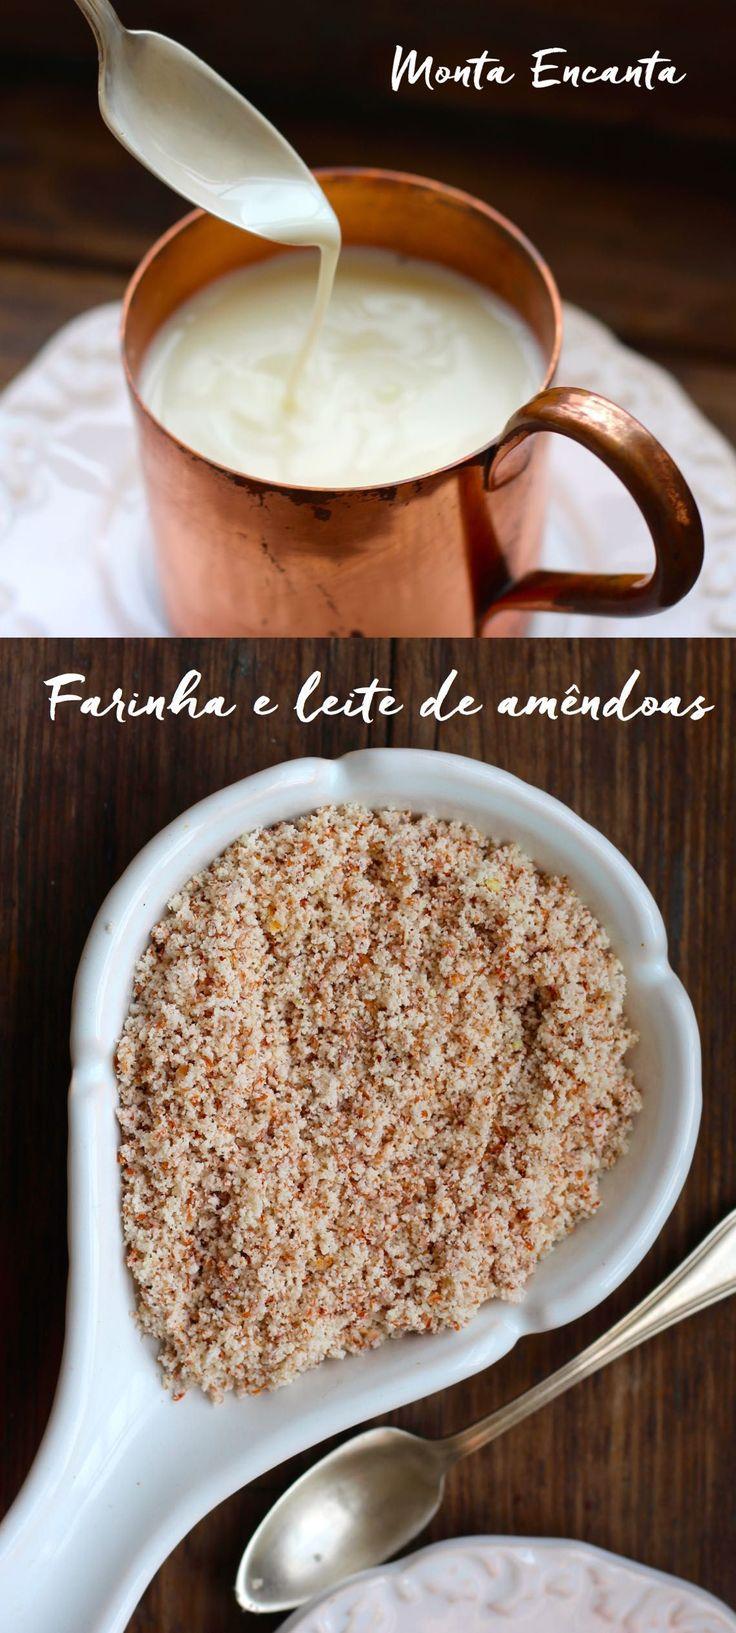 Como fazer a farinha e leite de amêndoas em casa? Fácil fácil, são duas receitas em uma. Preparamos primeiro o leite de amêndoas e com a sobras da amêndoa …